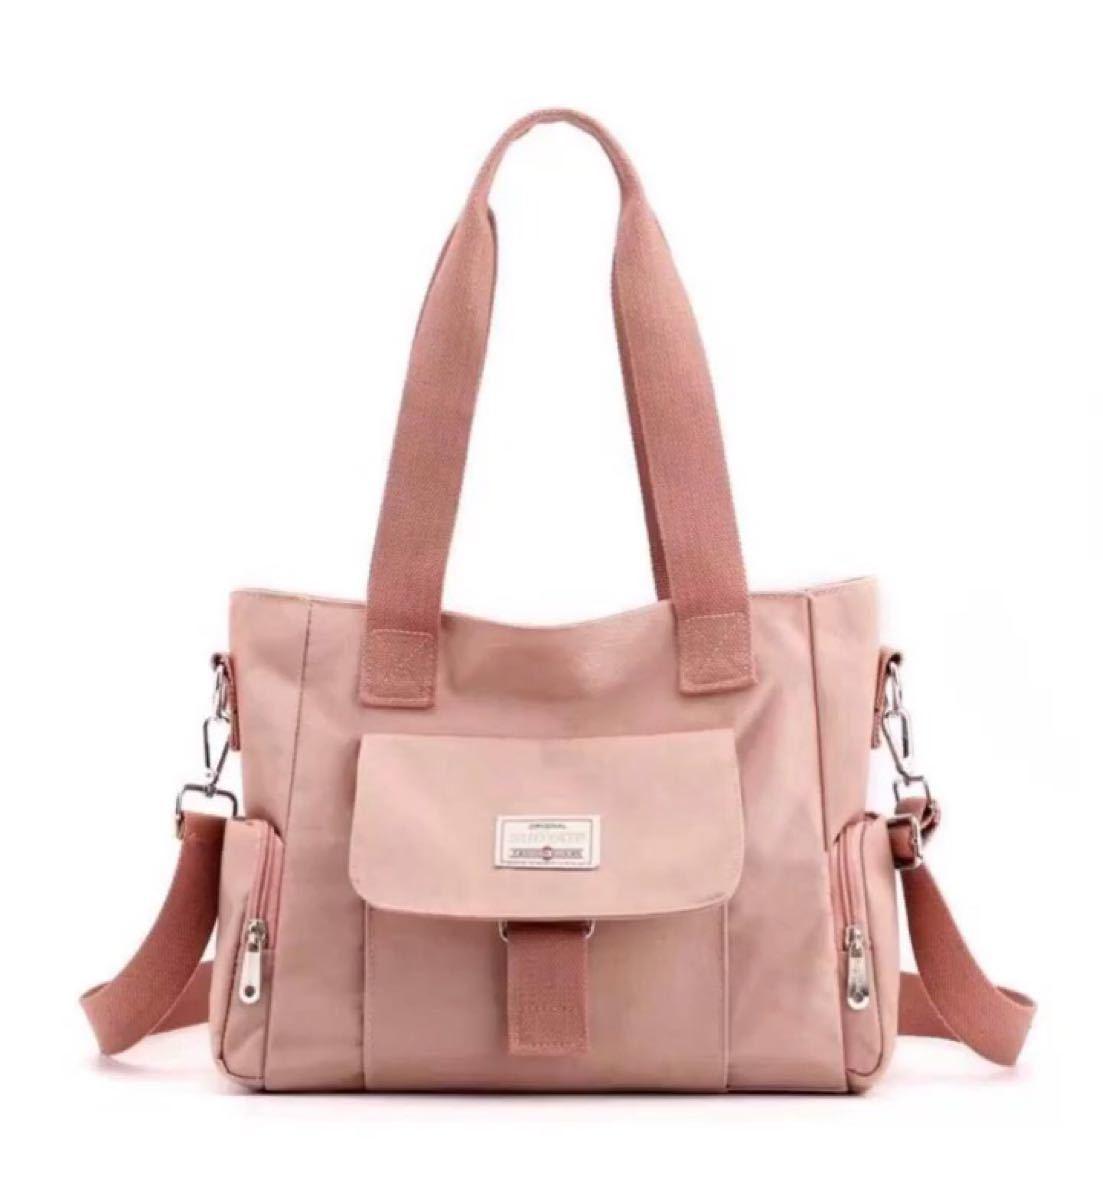 ショルダーバッグ トートバッグ  2way 多機能 大容量 通勤通学バッグ 楽々 撥水加工 ピンク